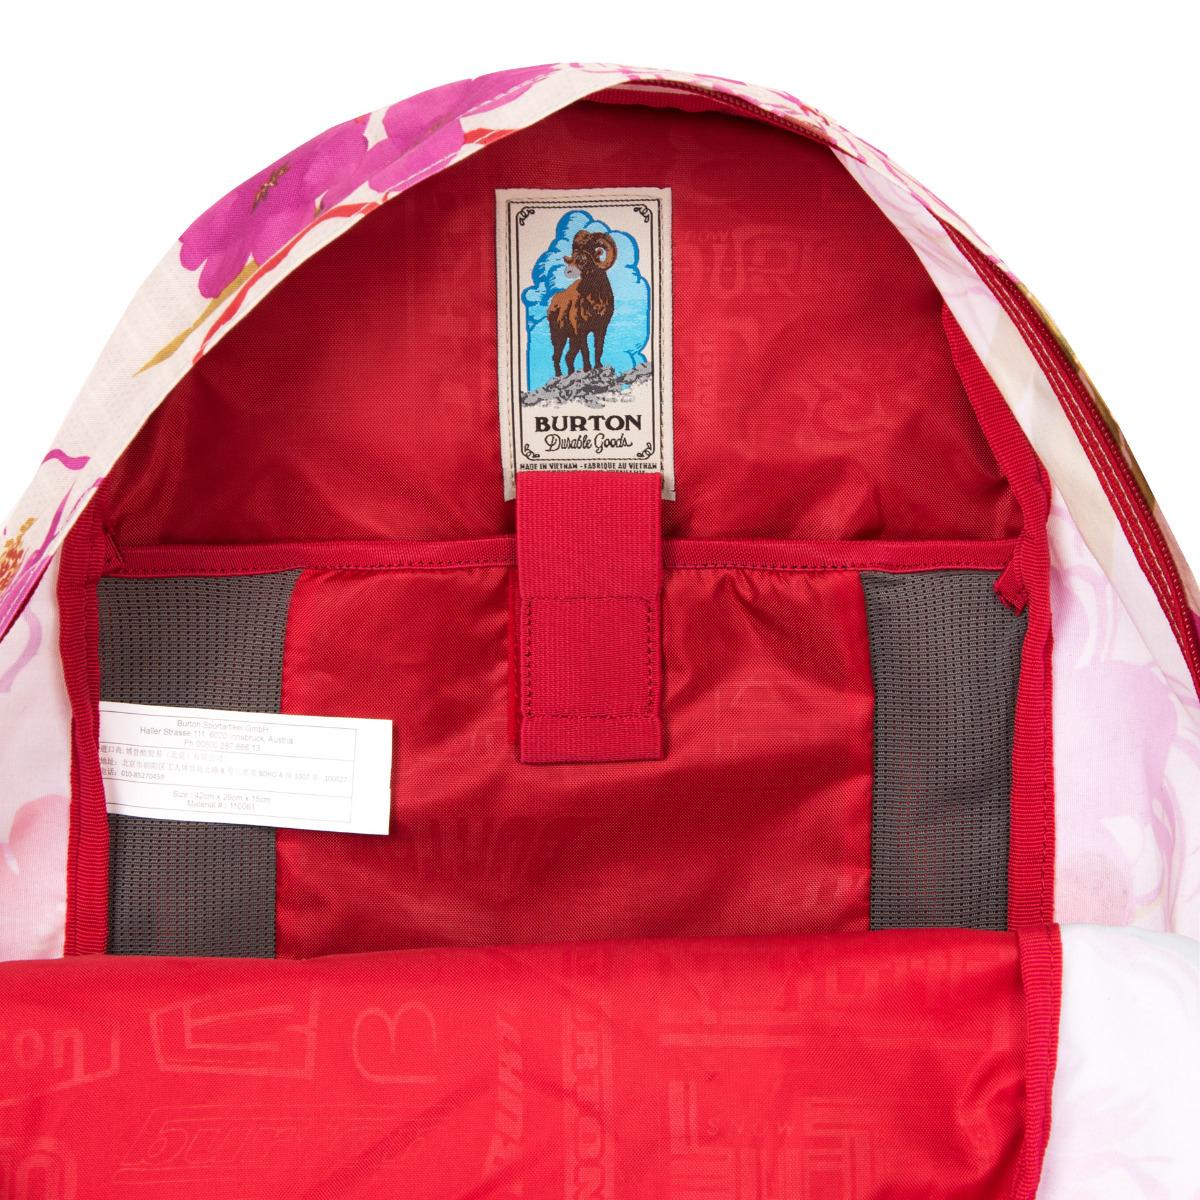 Burton Kettle Pack Vintage Aloha Klasický batoh šitý na mieru všetkým študentom má jednu priestrannú hlavnú komoru, v ktorej nájdete zabudovanú priehradku na notebook.